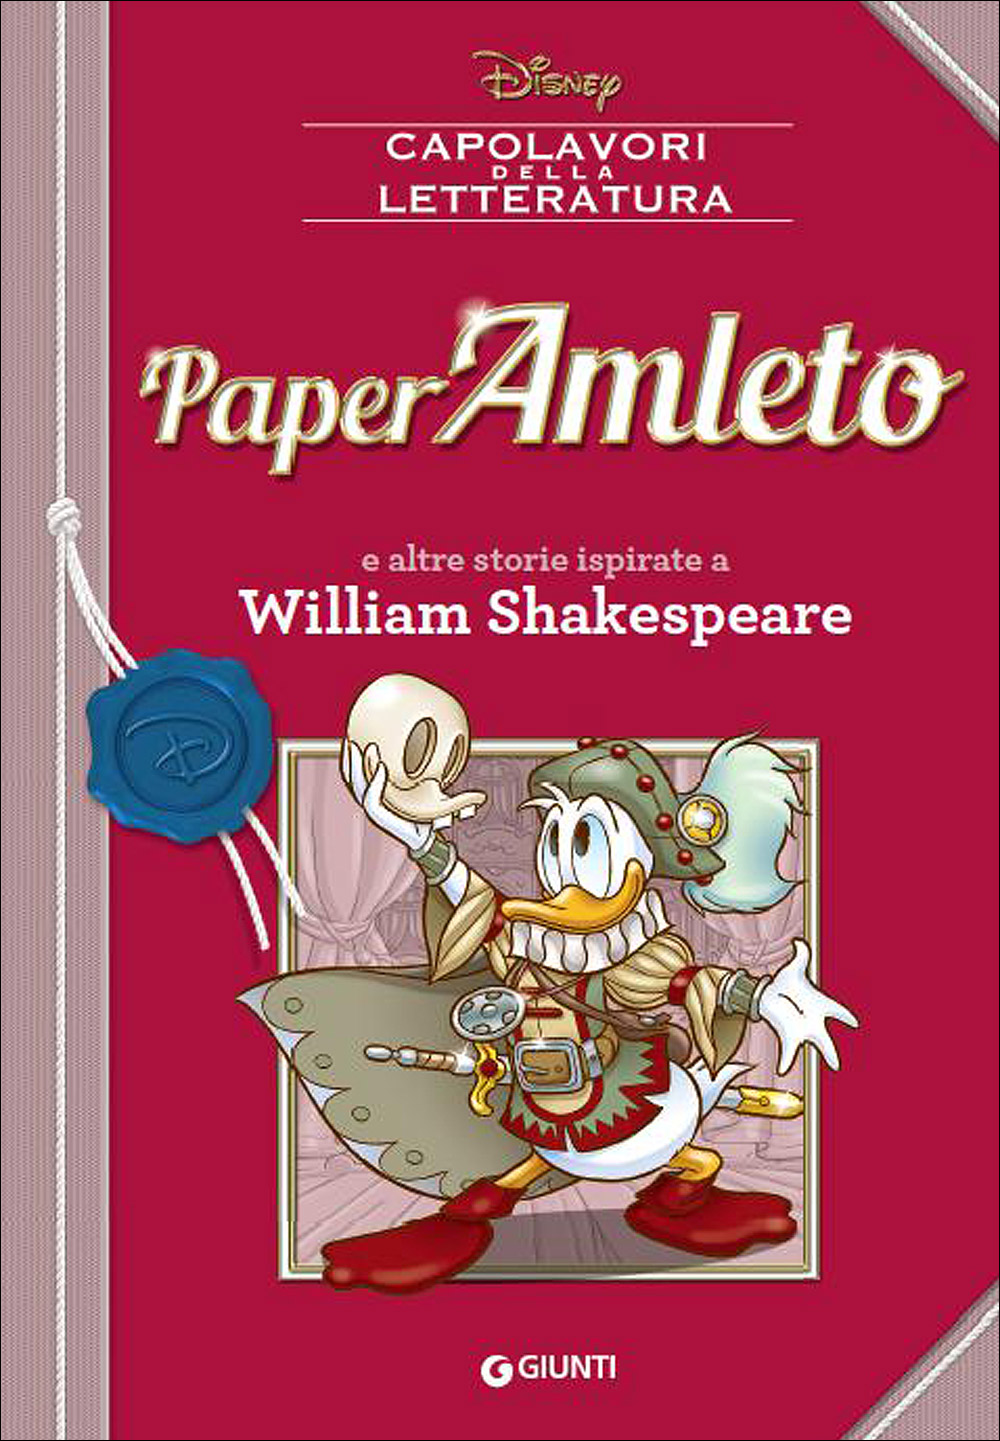 Cover Capolavori della Letteratura 1 - PaperAmleto